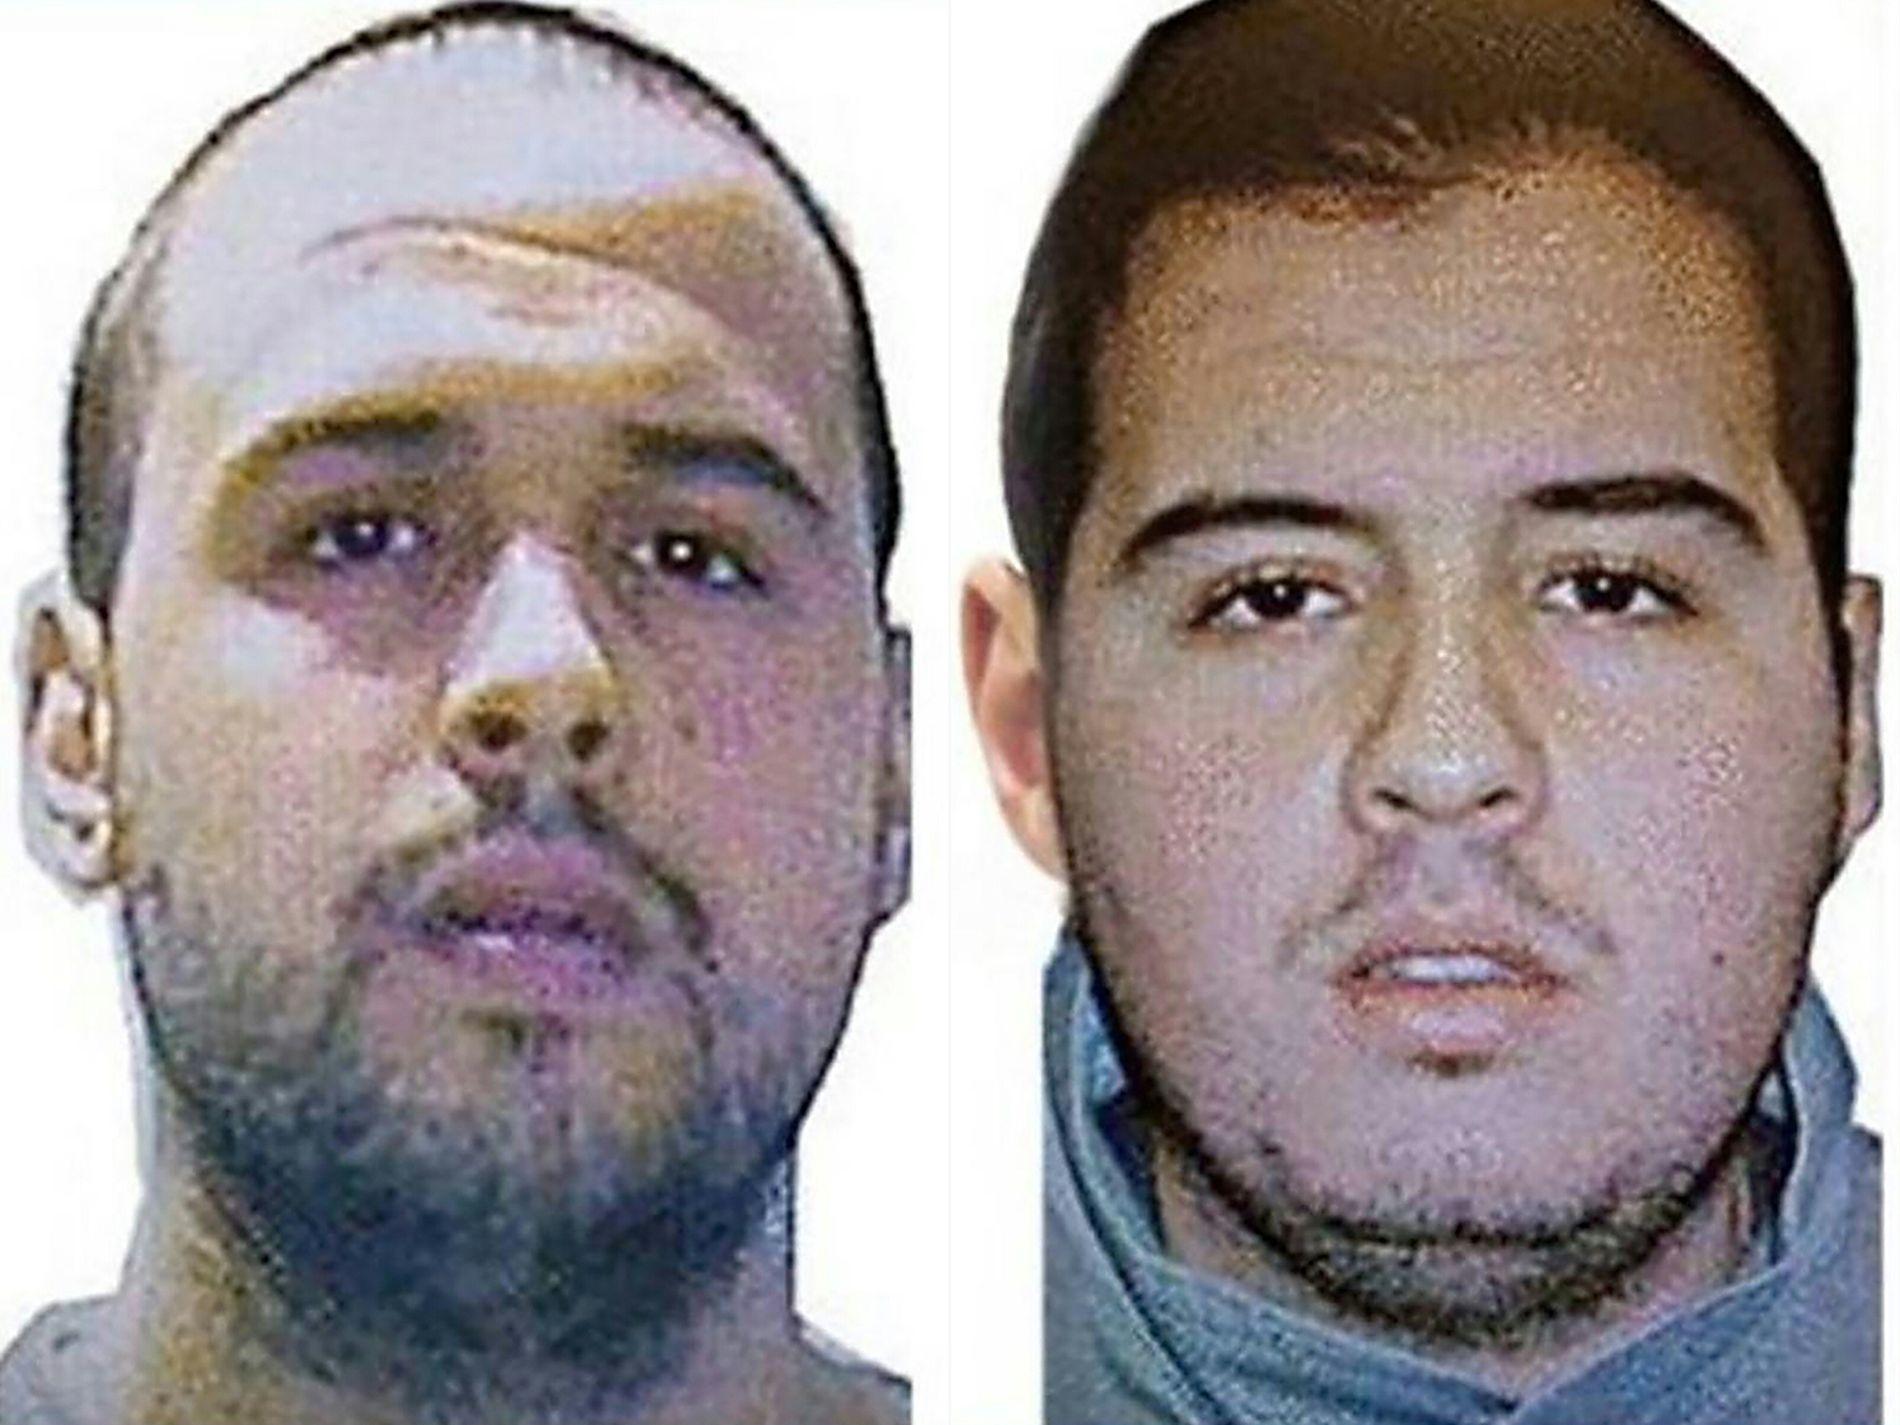 TERRORISTER: Ifølge tyrkiske myndigheter var det Ibrahim El-Bakroui (t.h.) som ble pågrepet i Tyrkia og løslatt i Belgia i sommer, melder Reuters. Han skal ha sprengt seg selv i luften på flyplassen, mens broren Khalid (t.v.) skal ha stått bak angrepet på t-banestasjonen.